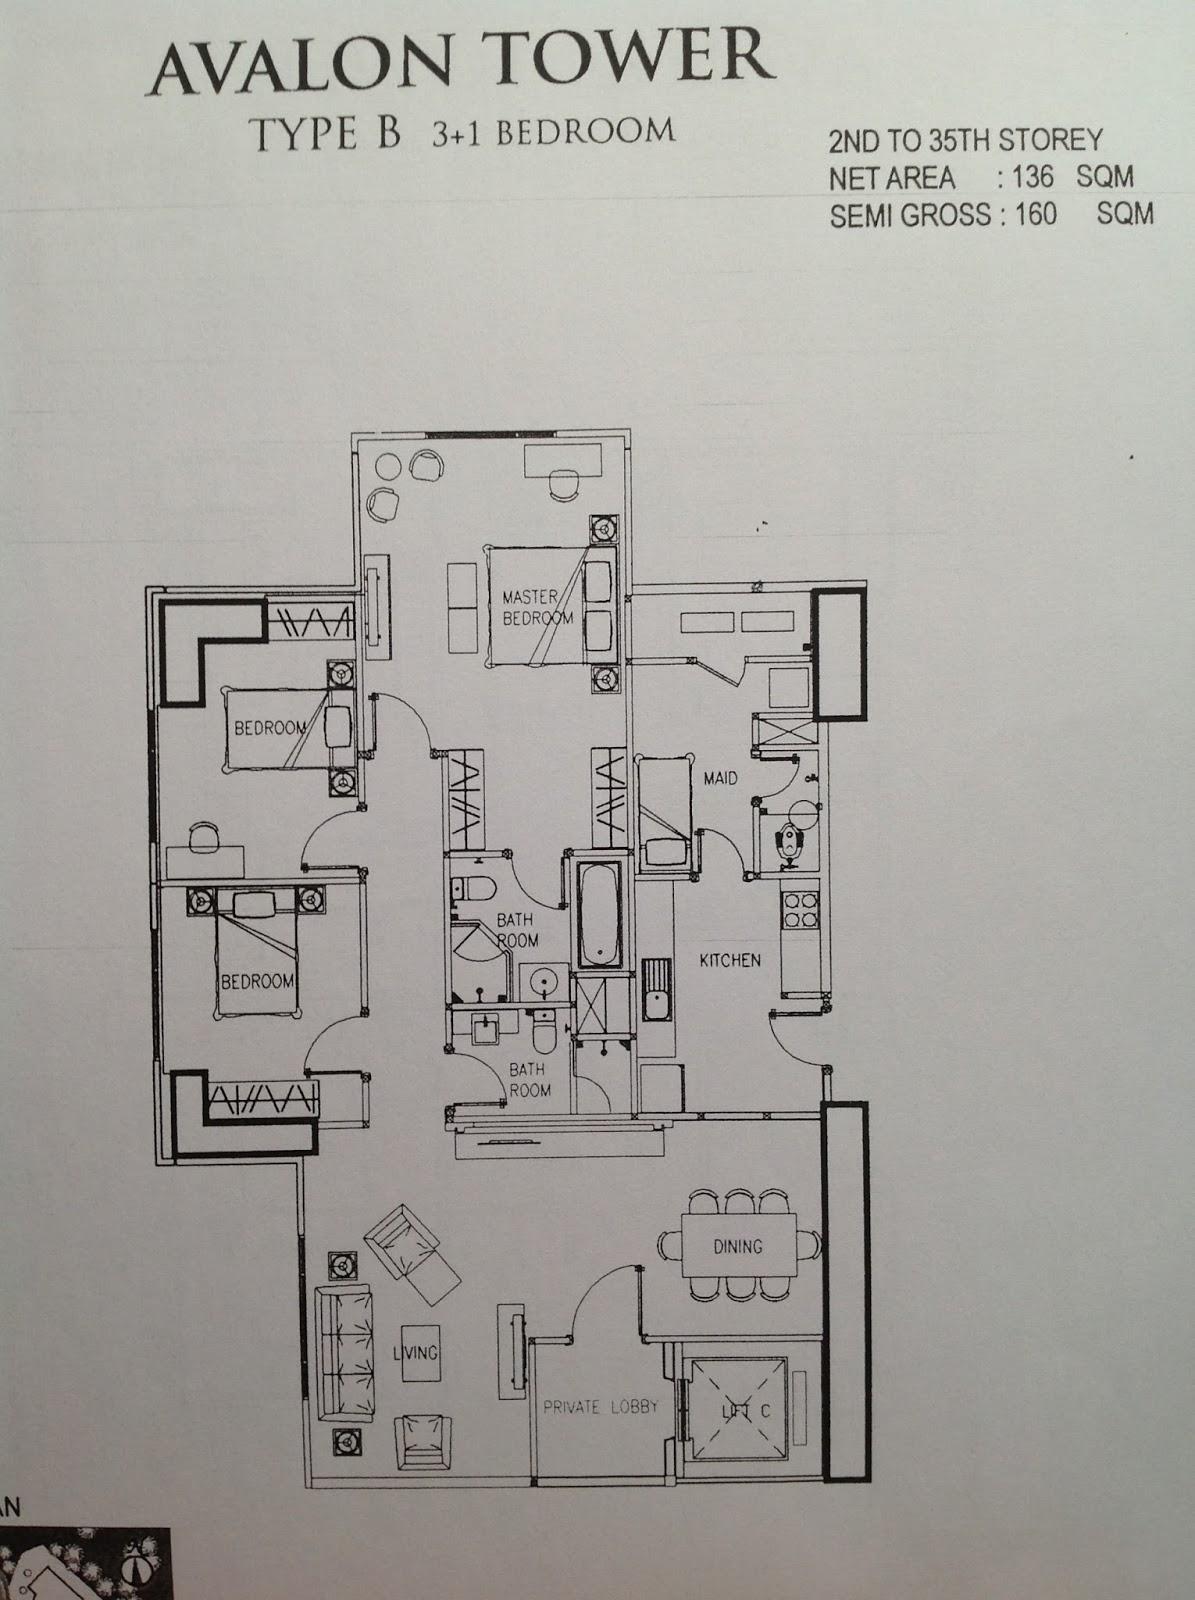 Casa grande residence your desire for quality living for Avalon floor plan